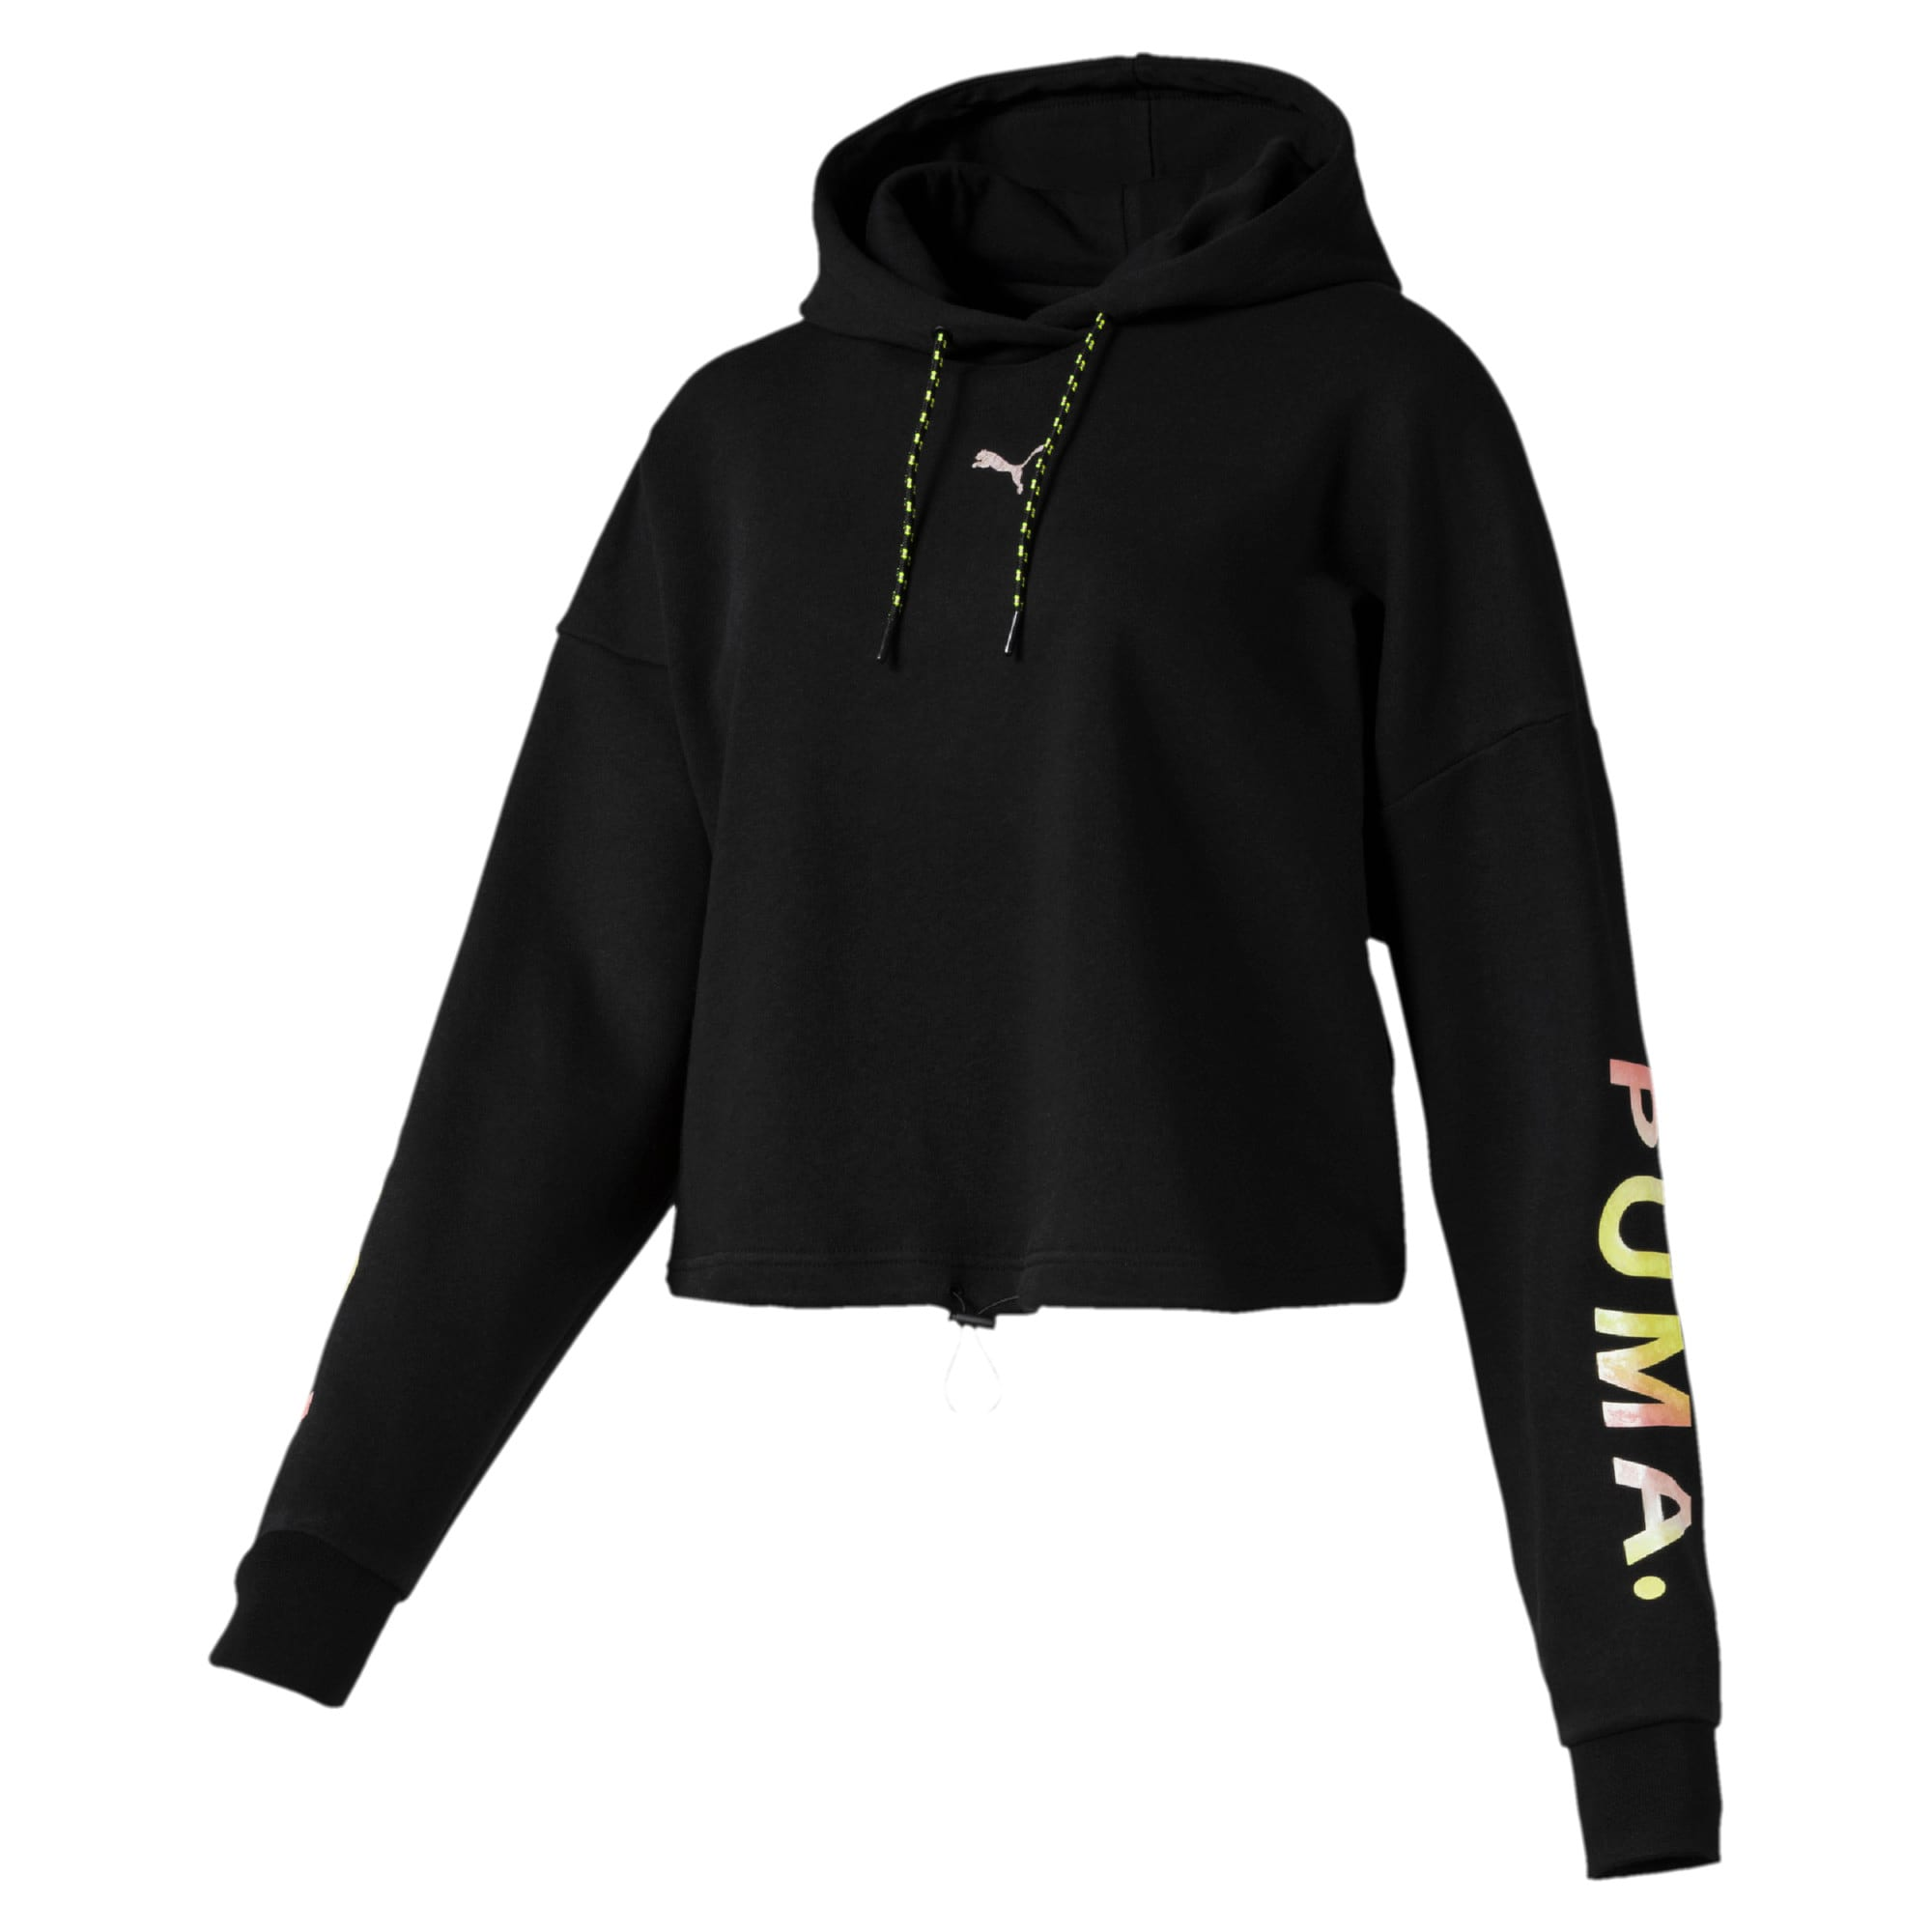 vente officielle design intemporel Braderie Sweat à capuche court Chase pour femme